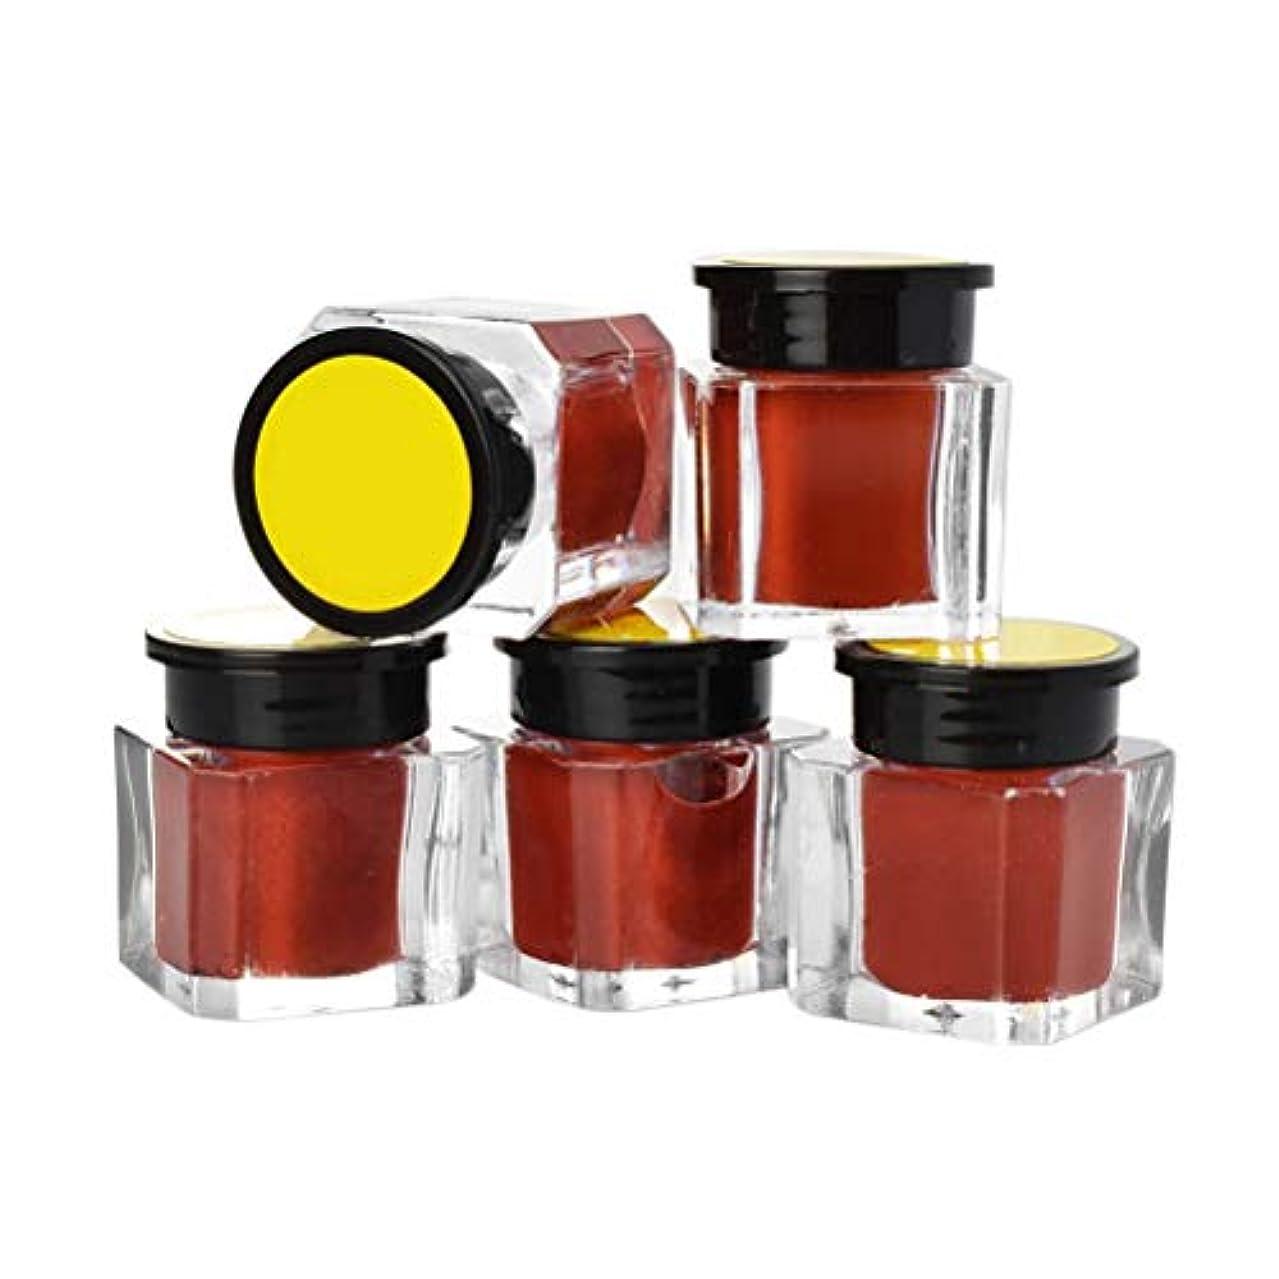 大胆不敵無限渇きHealifty 5ピースタトゥーインク顔料眉アイライナーボディーアート塗料マイクロブレードカラー顔料コーヒー